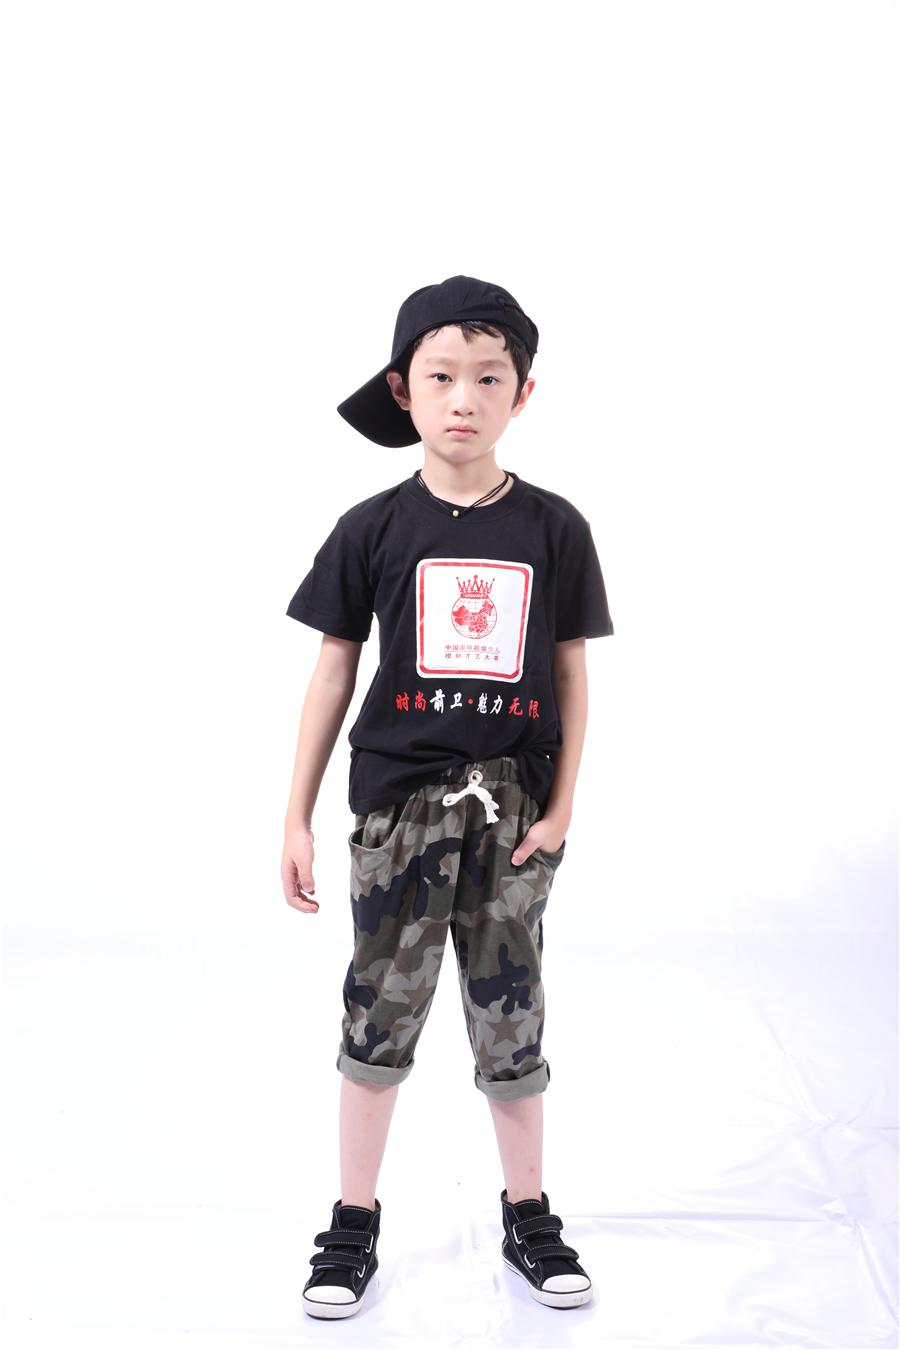 周昂——2017SKMD中國國際超級少兒模特大賽——幼兒組金獎